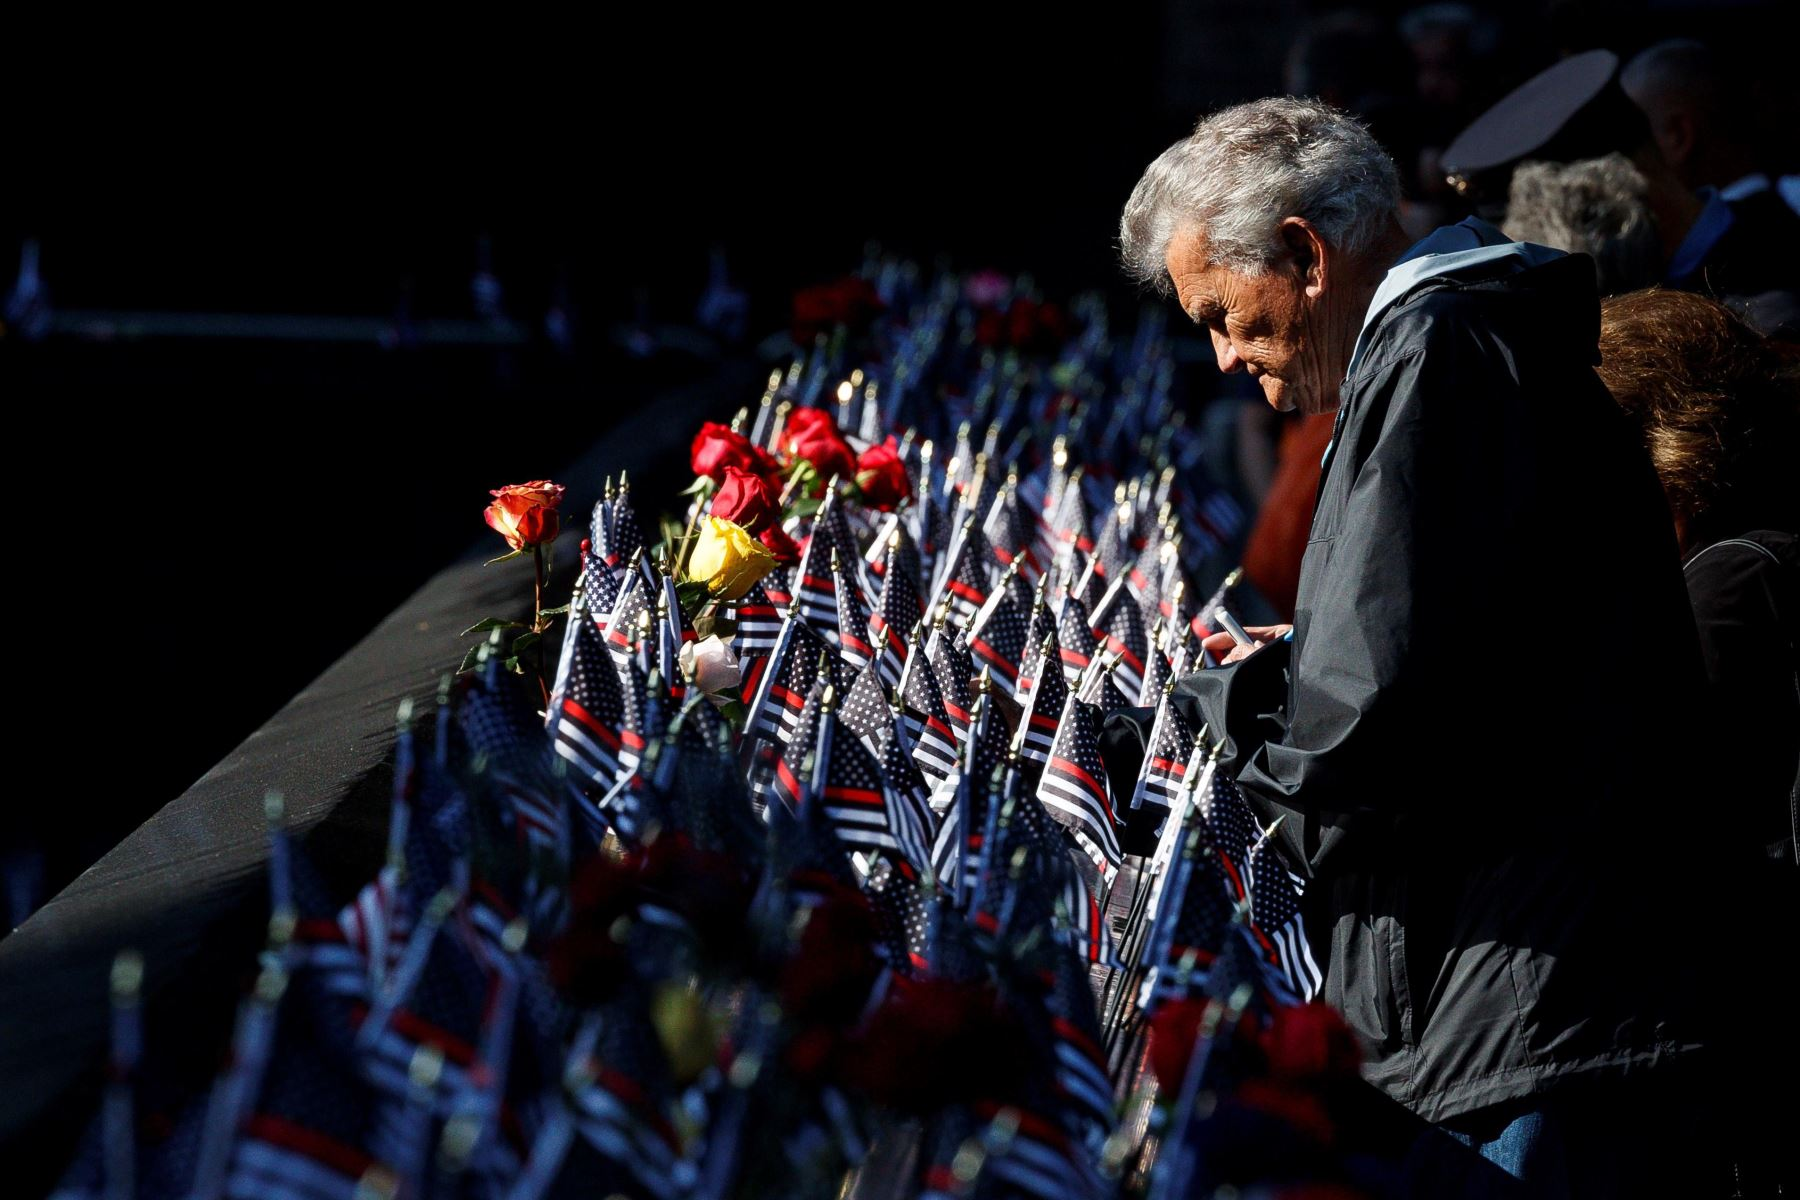 Un hombre acaricia el monumento conmemorativo que rinde homenaje a los bomberos fallecidos durante los atentados del 11 de septiembre de 2001,durante el 18 aniversario de la tragedia, en Nueva York. Foto: AFP